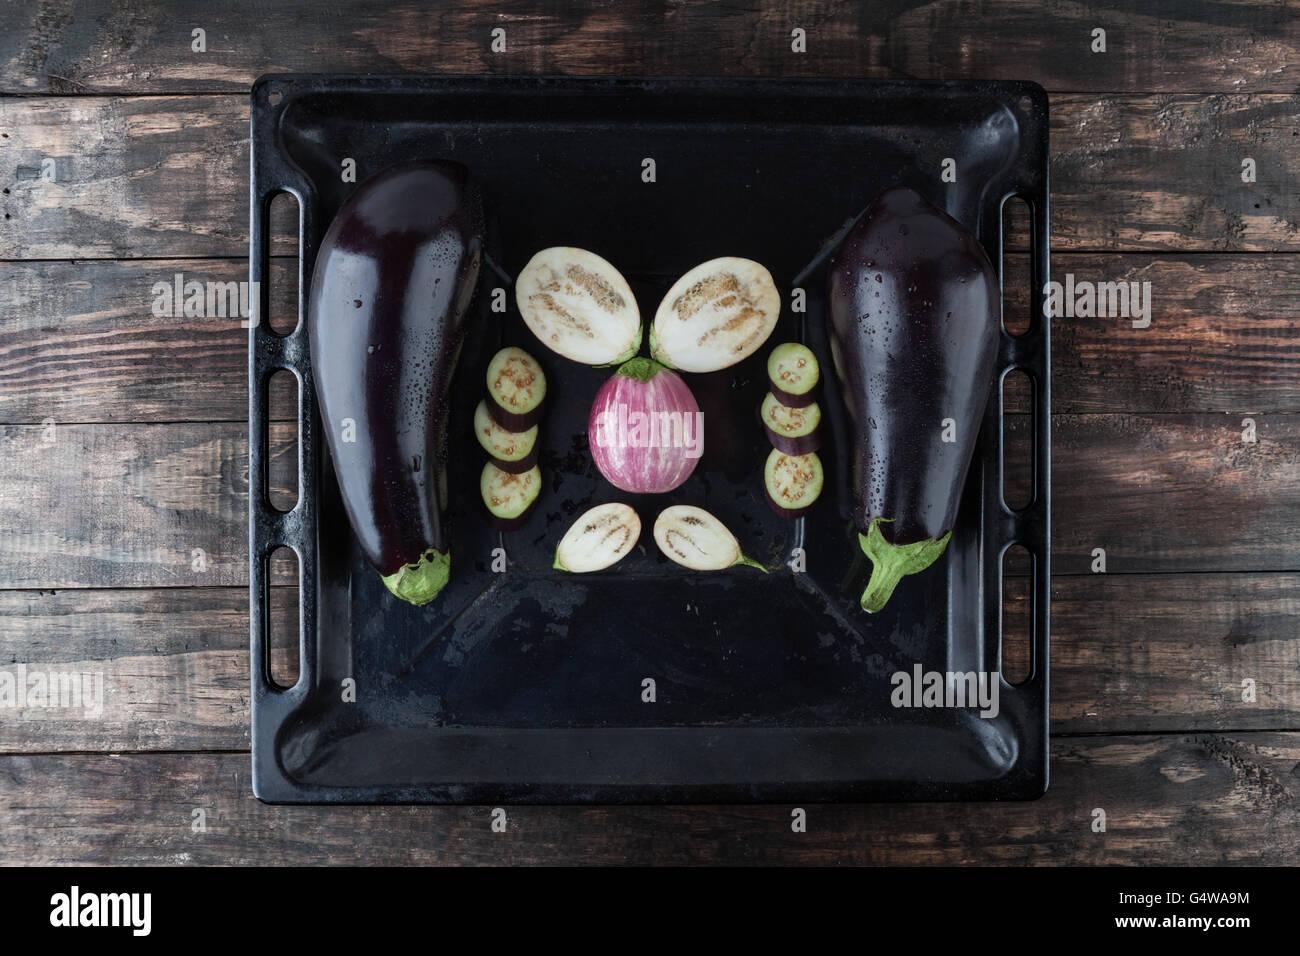 Ganze und geschnittene Auberginen auf rustikalen Backblech angeordnet. Draufsicht mit Textfreiraum Stockbild